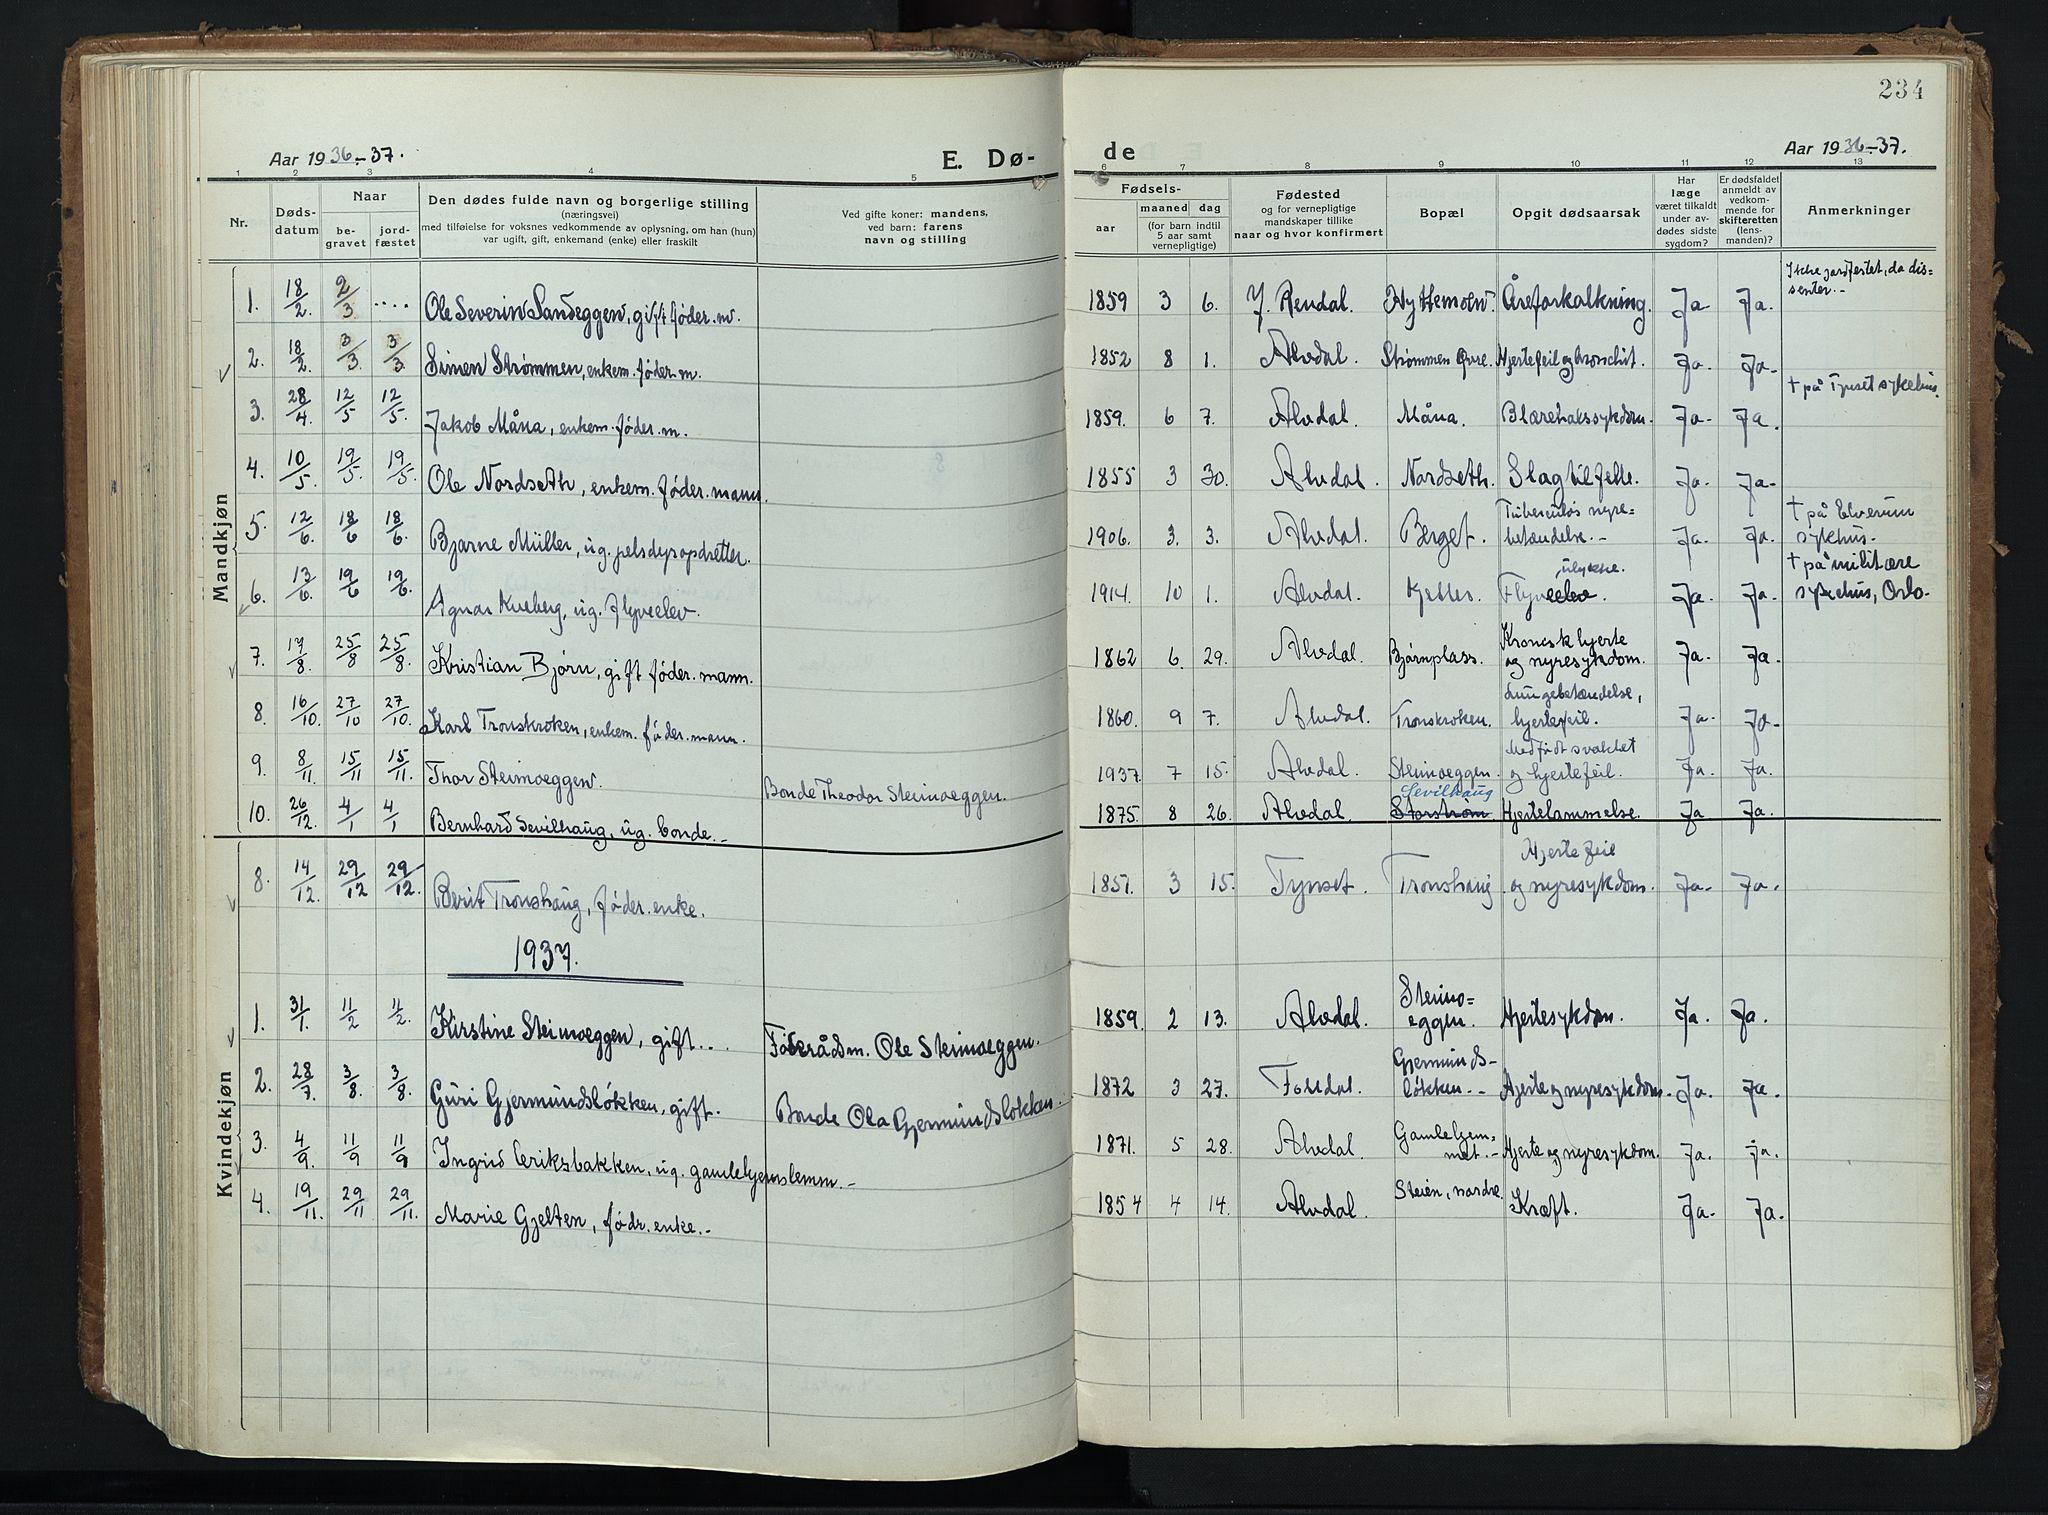 SAH, Alvdal prestekontor, Ministerialbok nr. 6, 1920-1937, s. 234